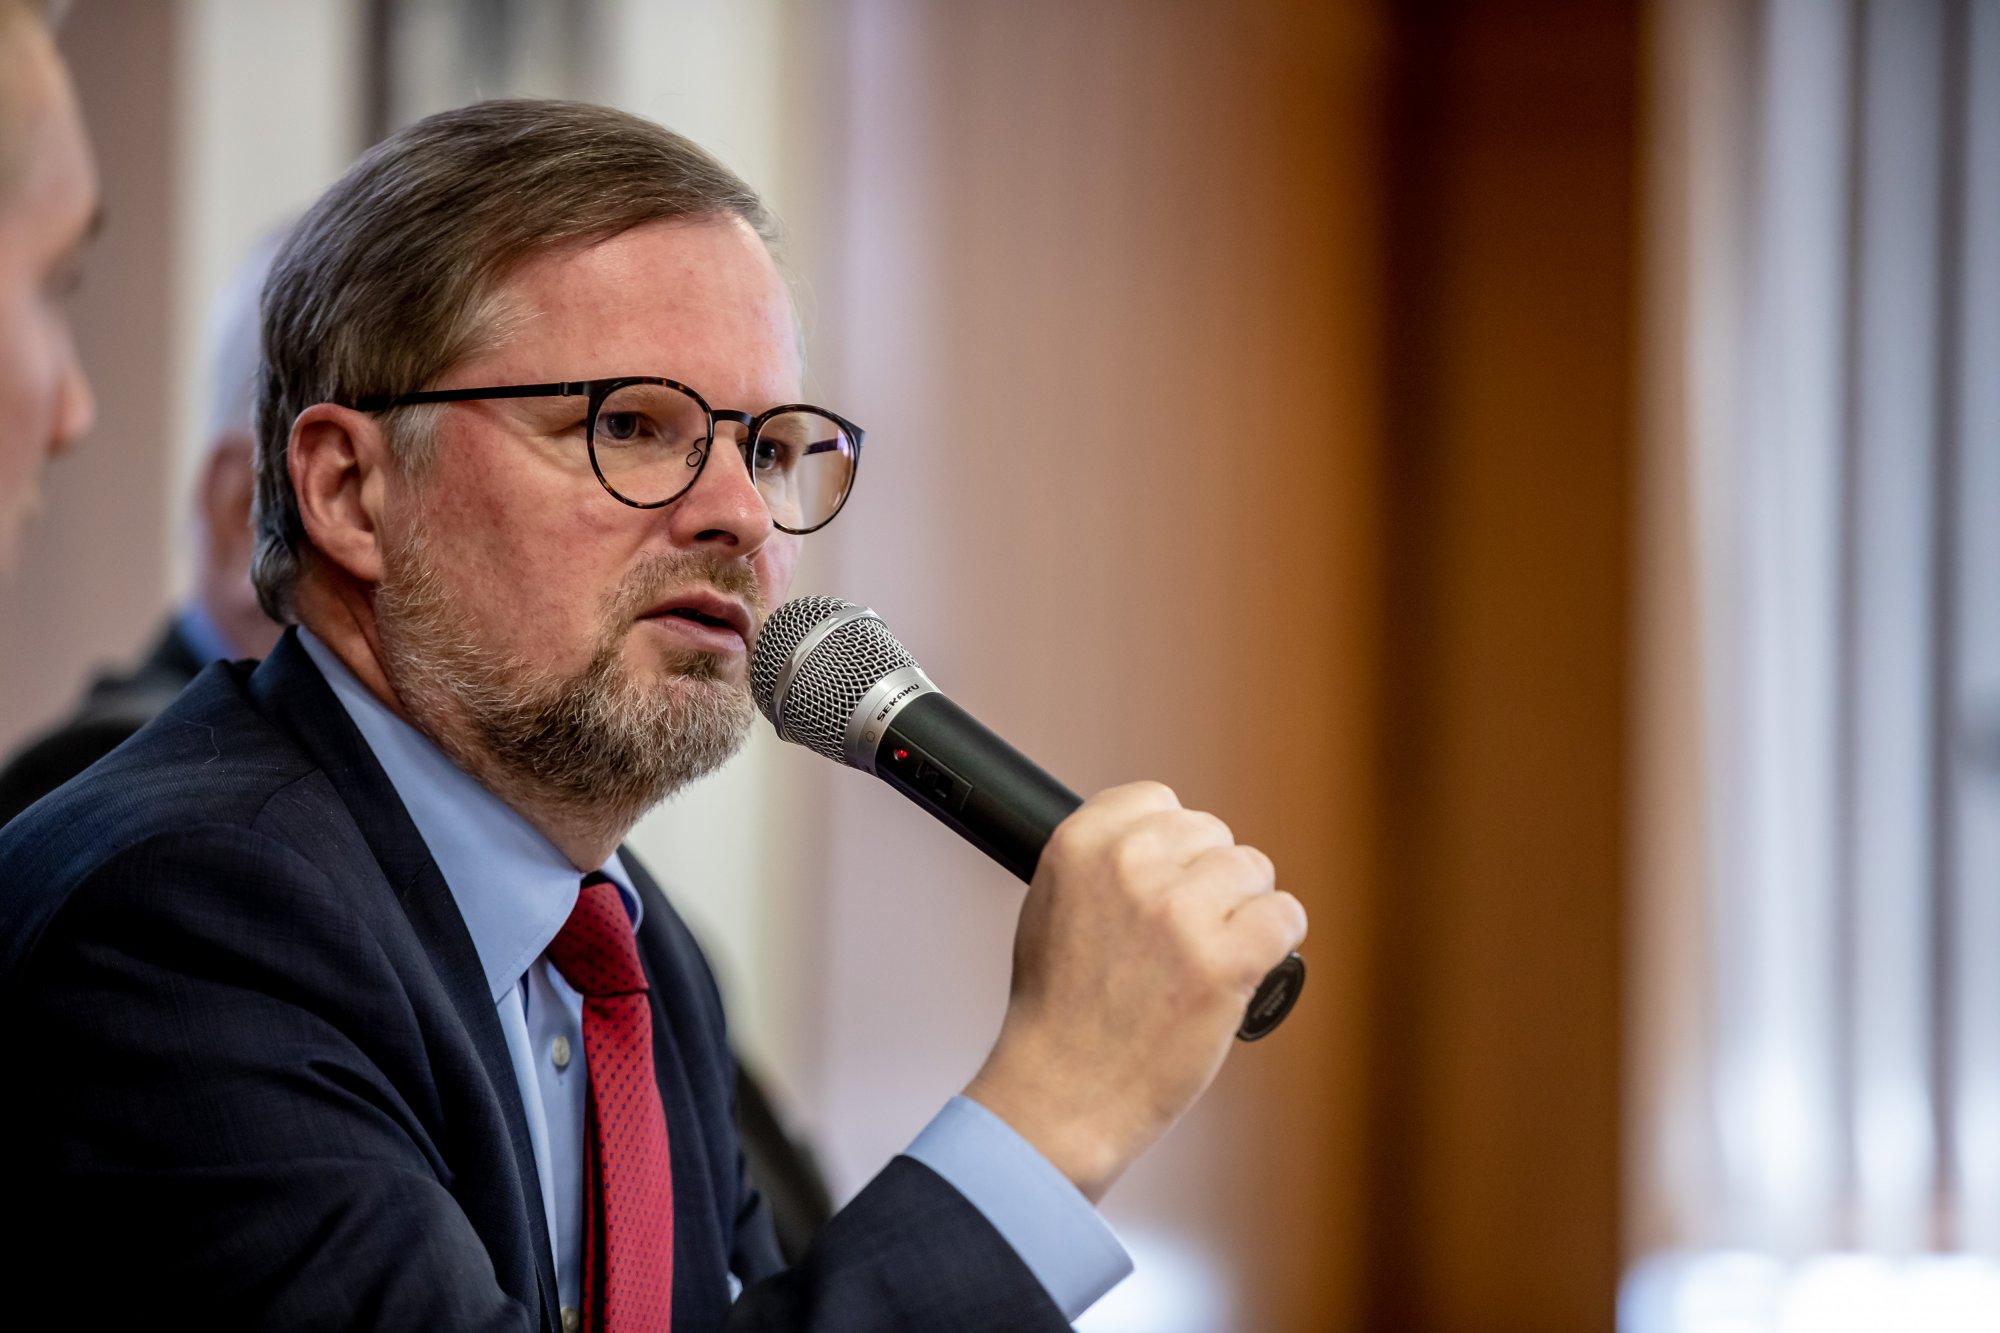 Petr Fiala: Komentář k rozhodnutí státního zástupce v kauze Čapí hnízdo